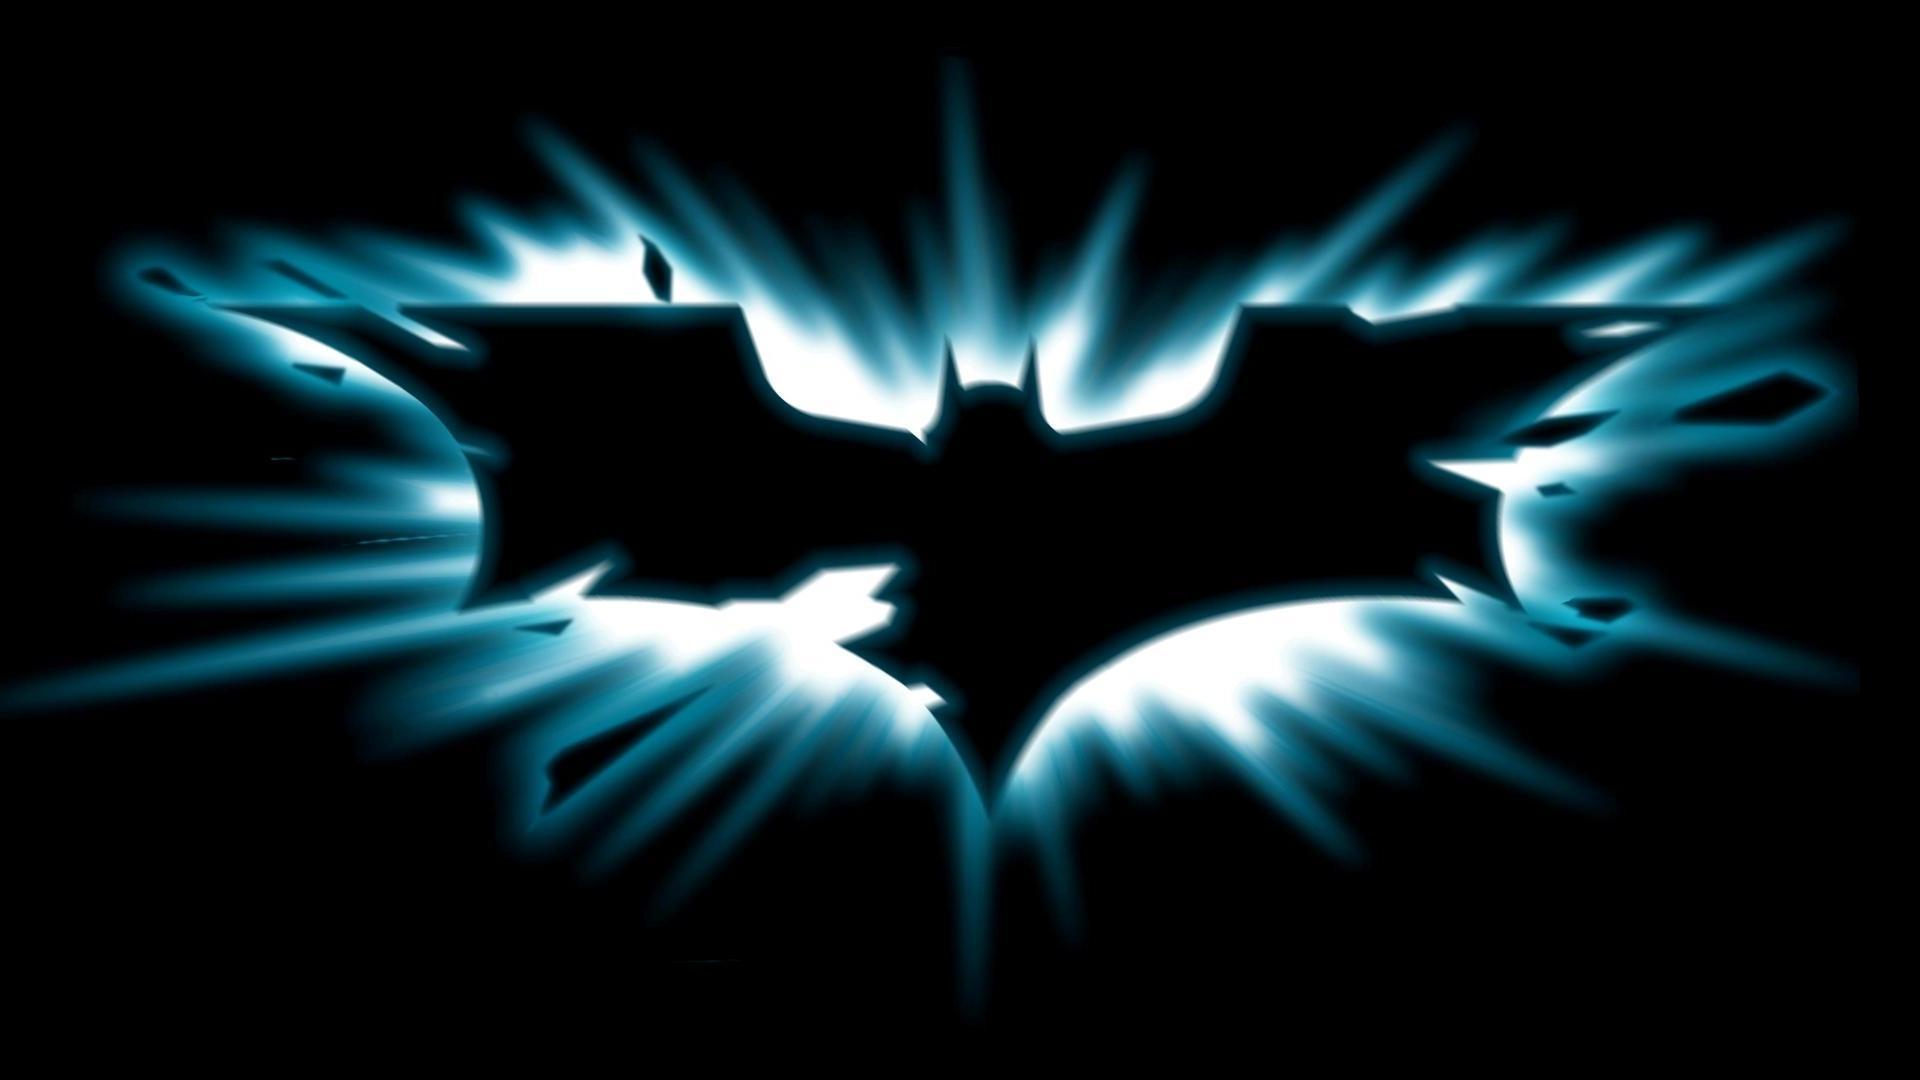 Batman Symbol Wallpapers 1920x1080